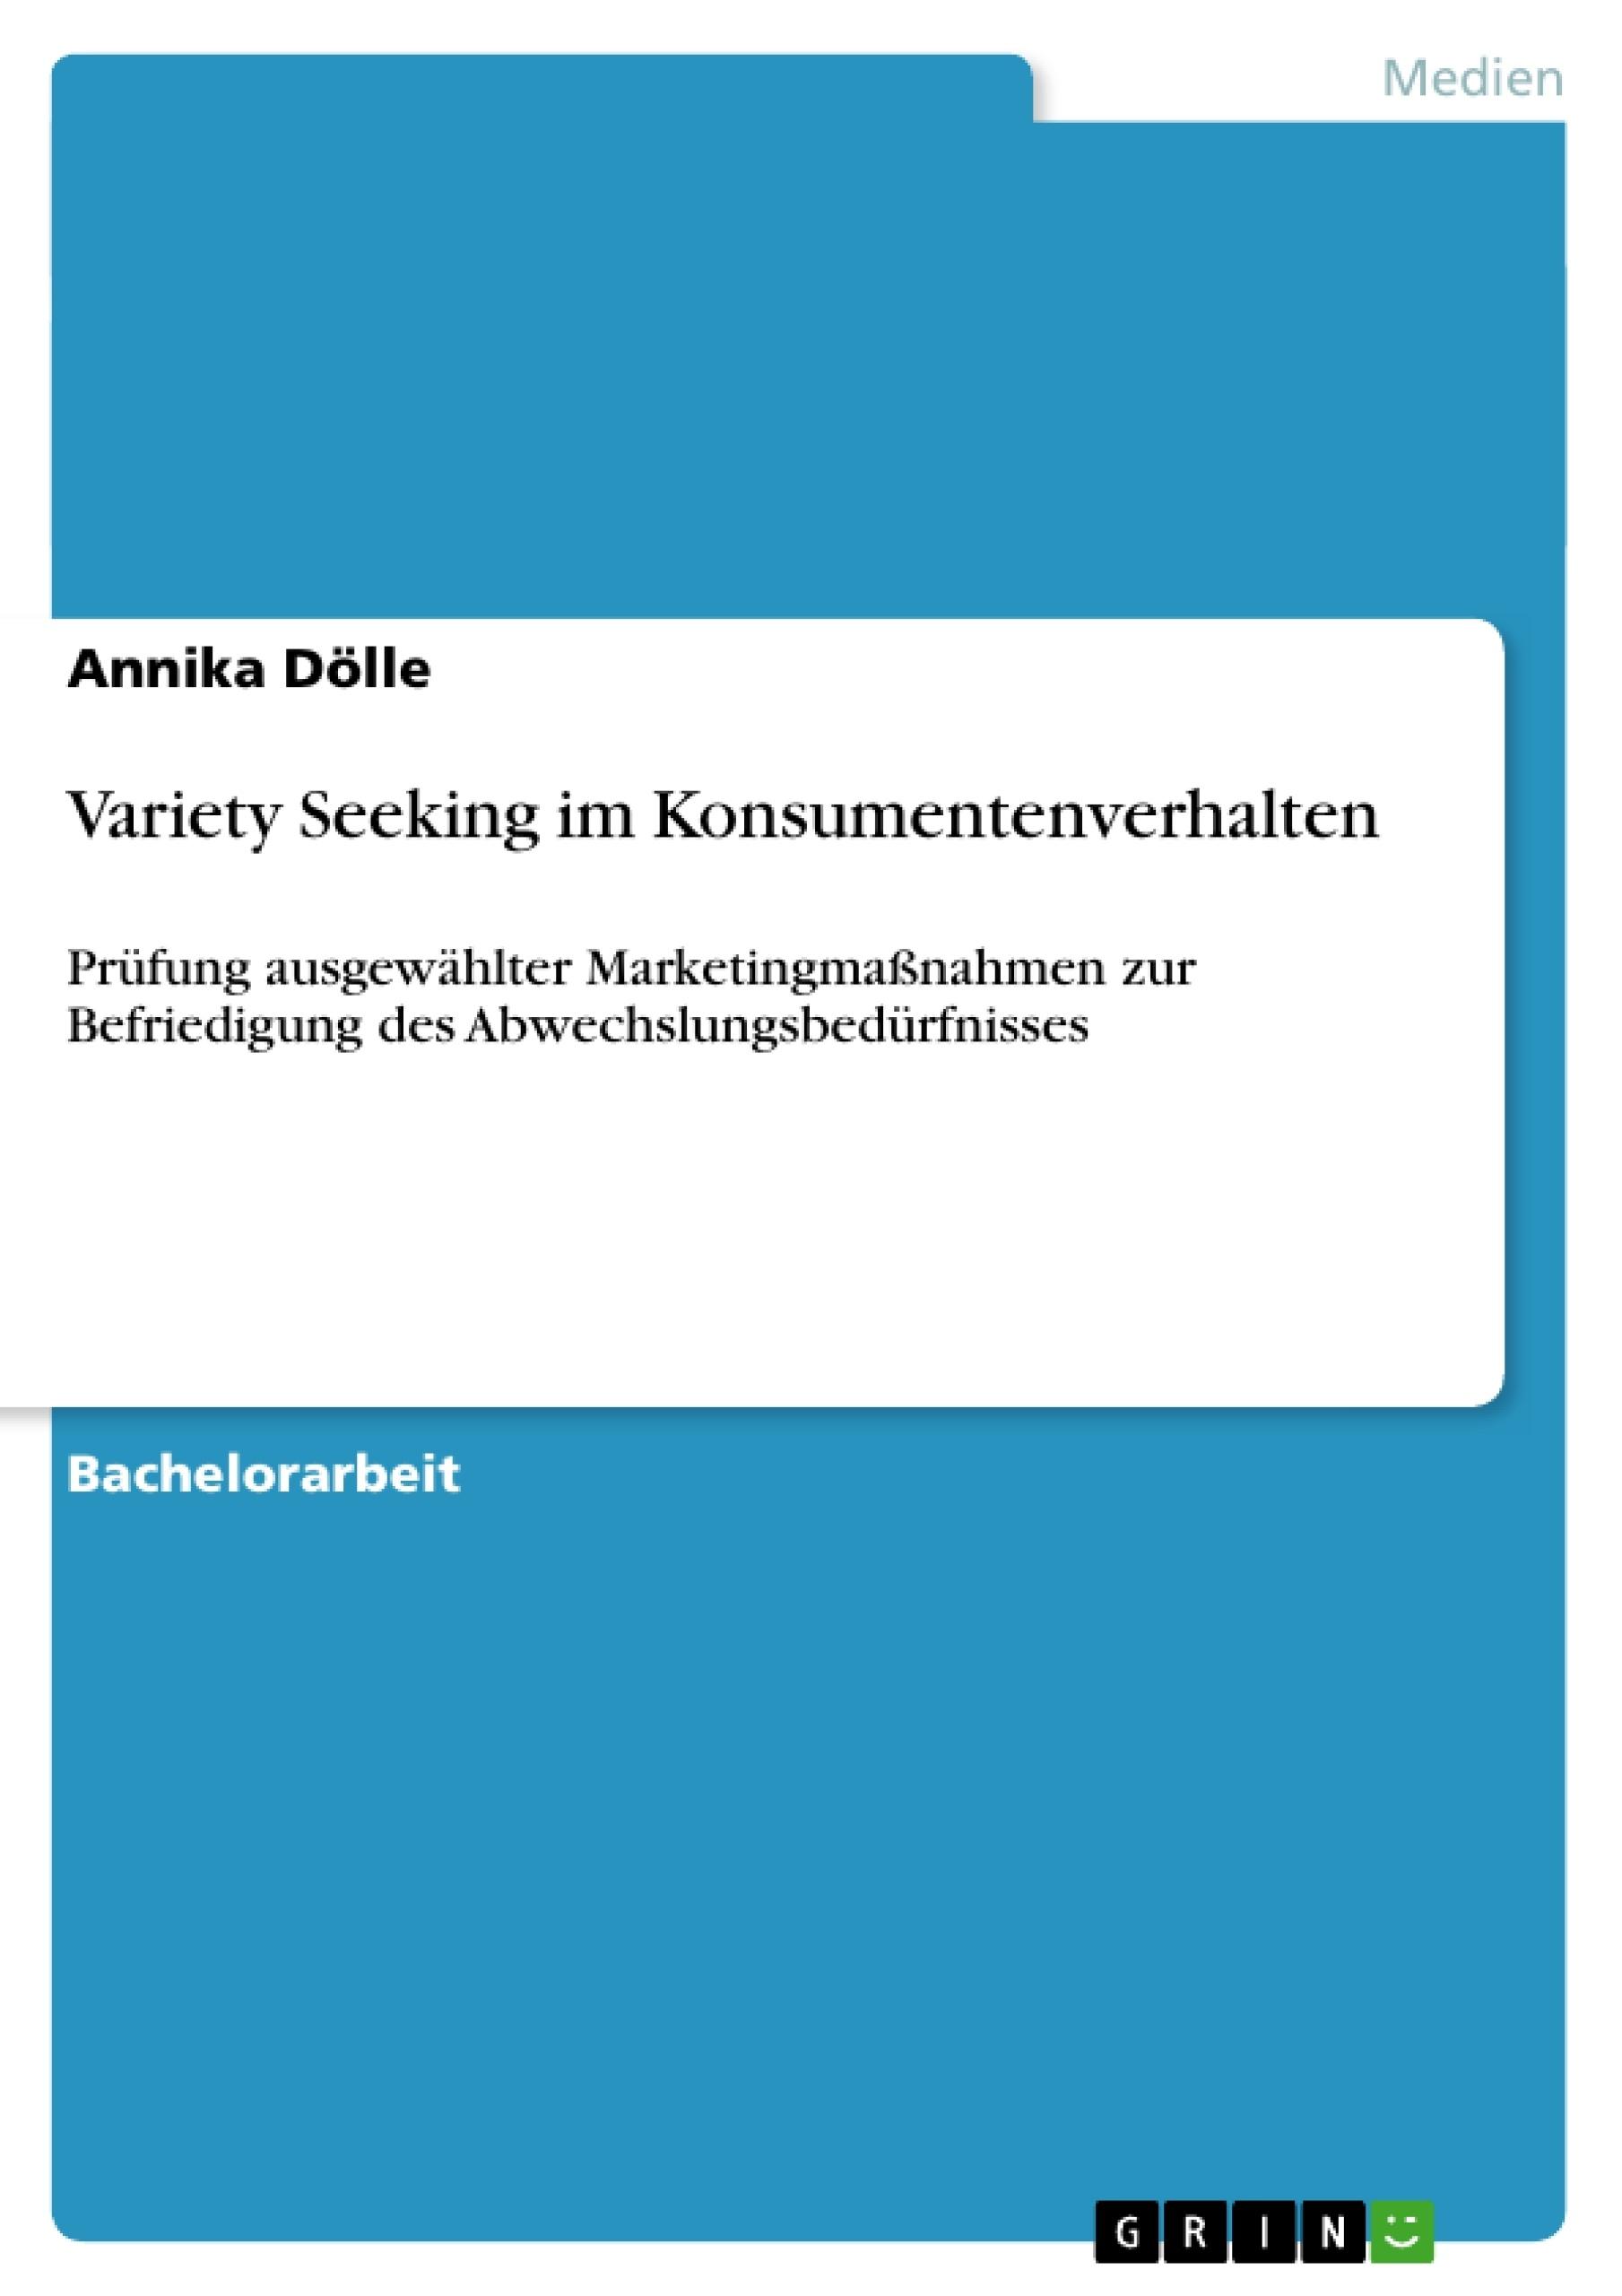 Titel: Variety Seeking im Konsumentenverhalten